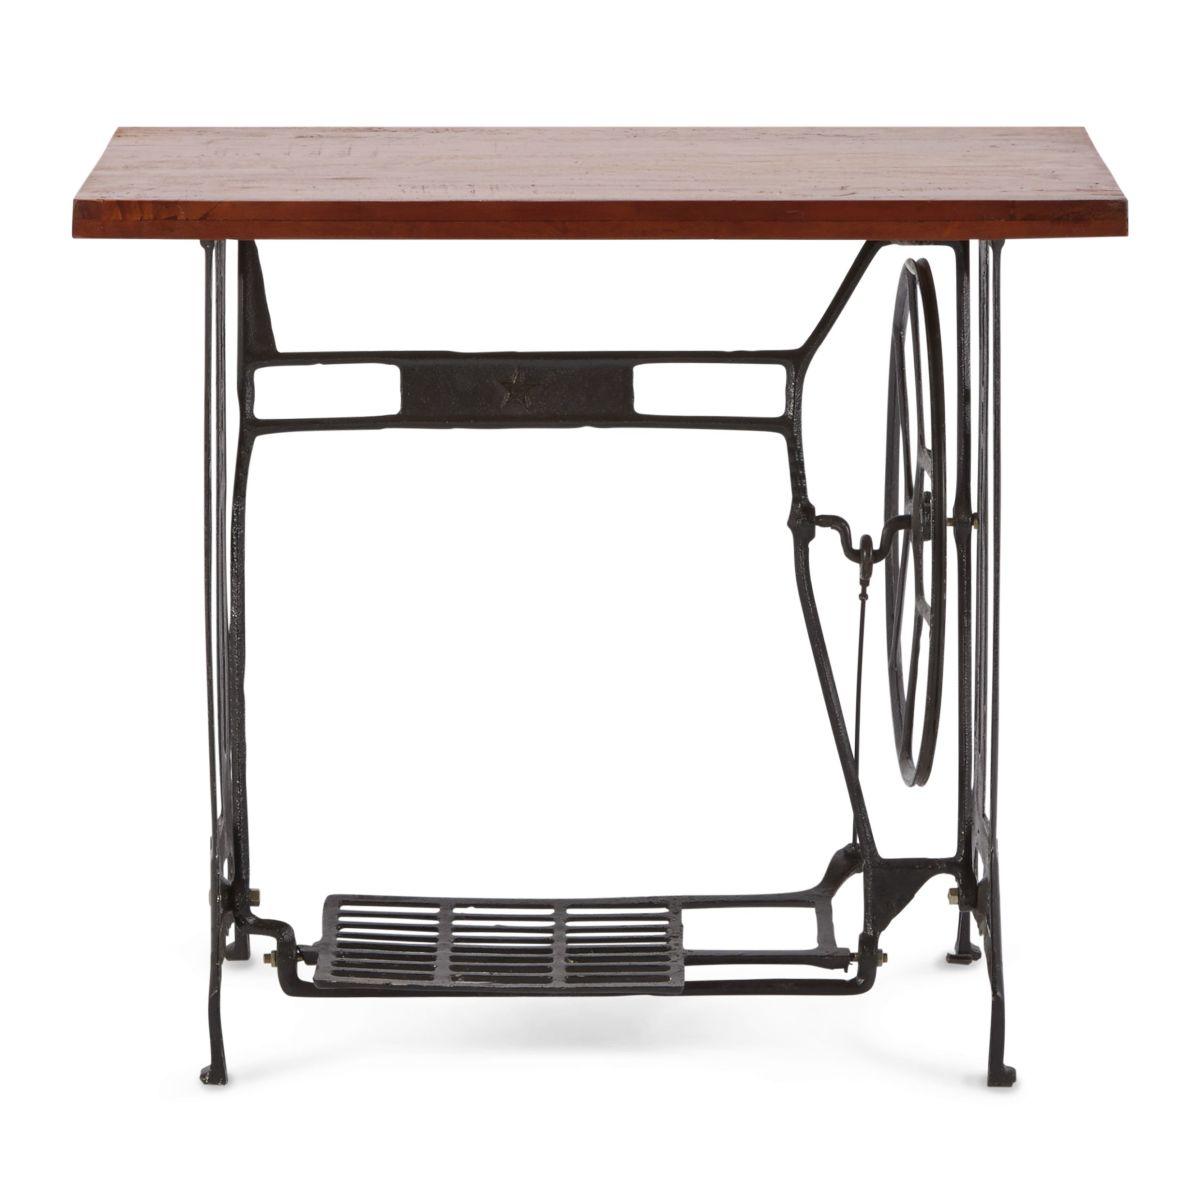 Industrial Tisch industrial tisch nähmaschinen beistelltisch elisabeth massivholz